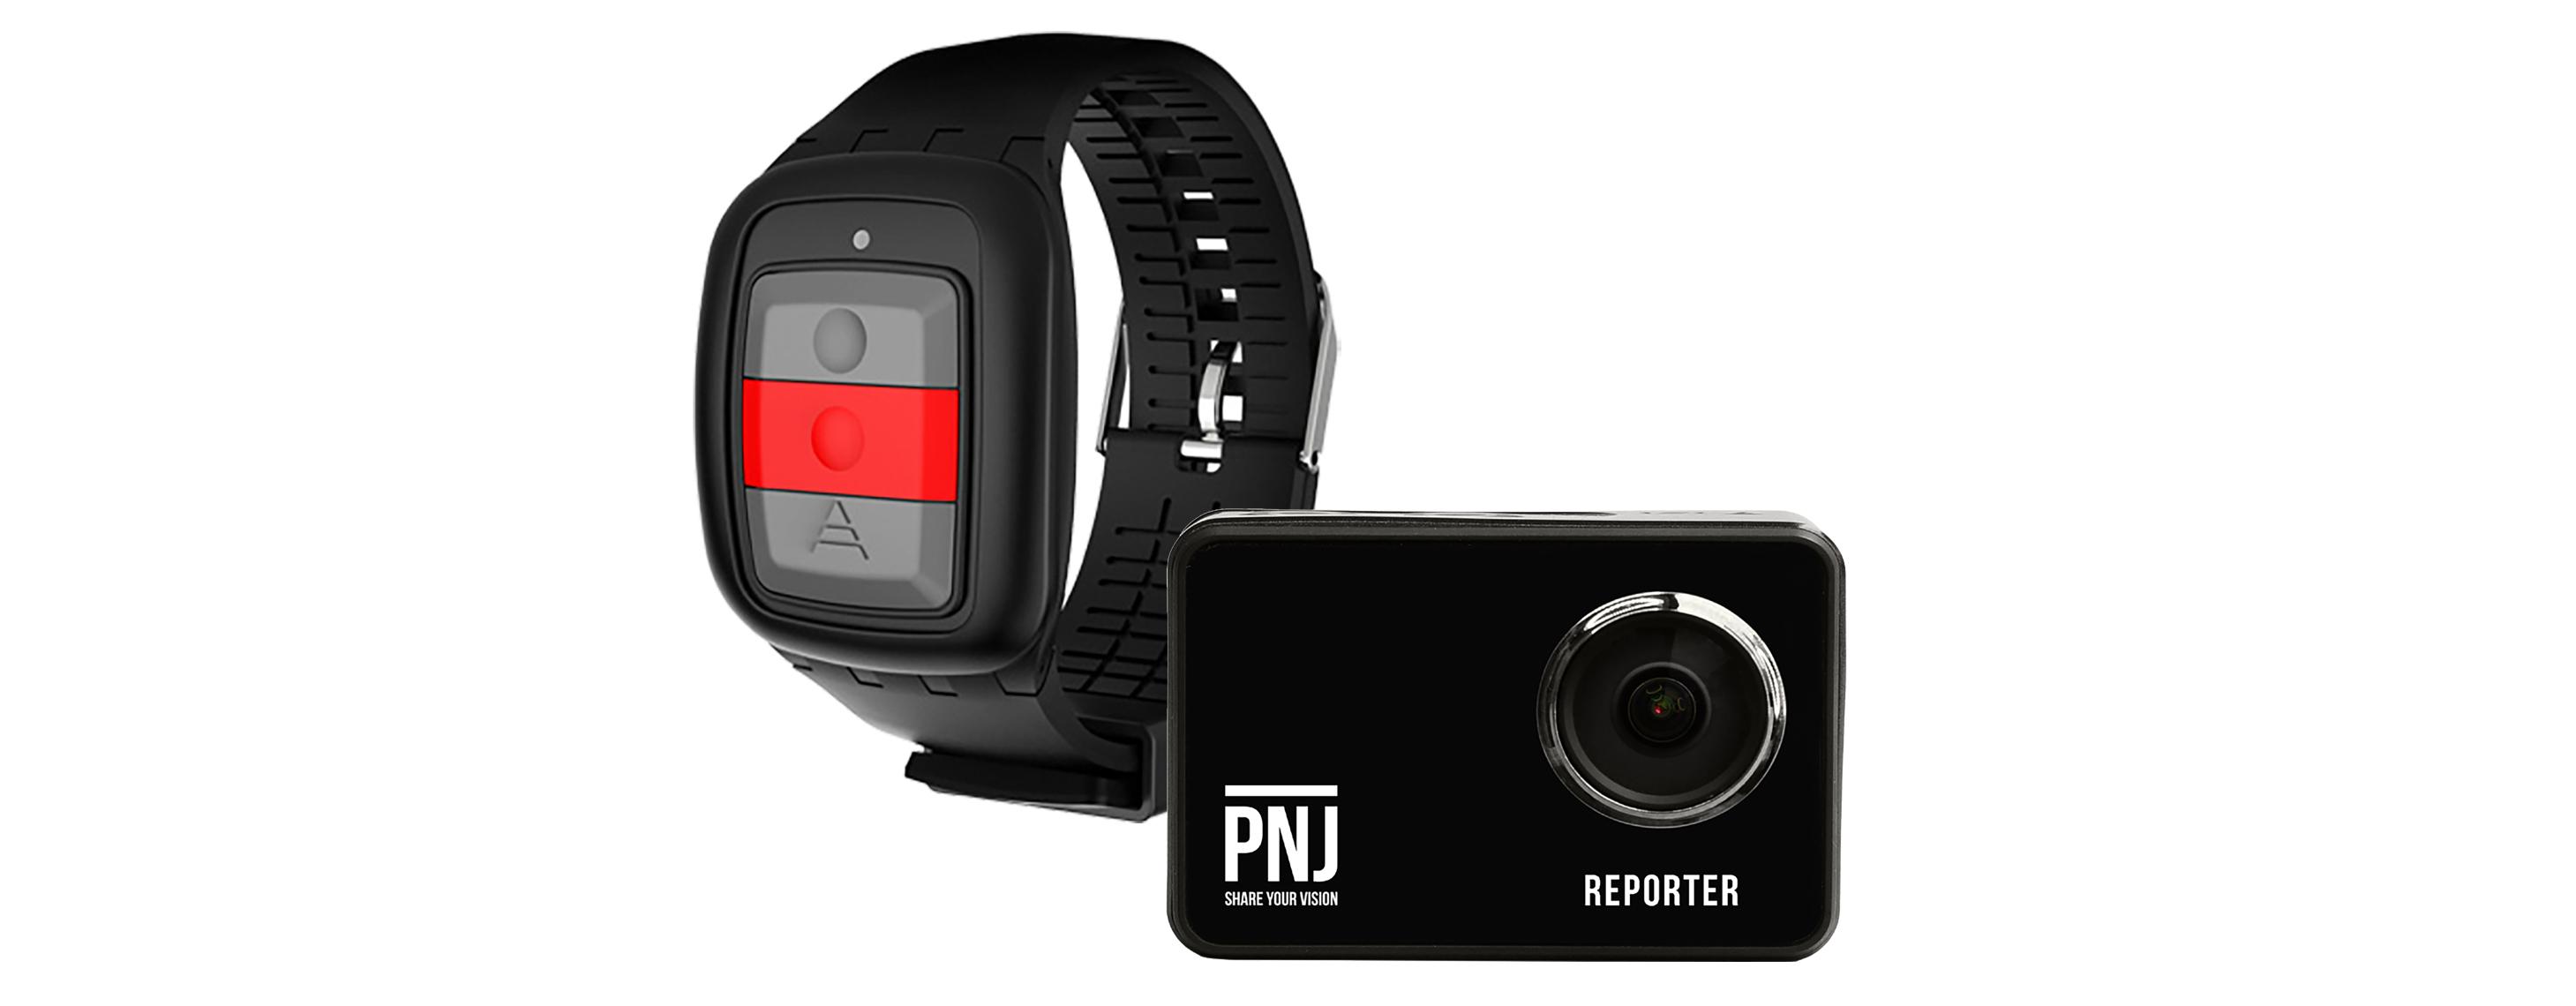 Caméra PNJ Reporter